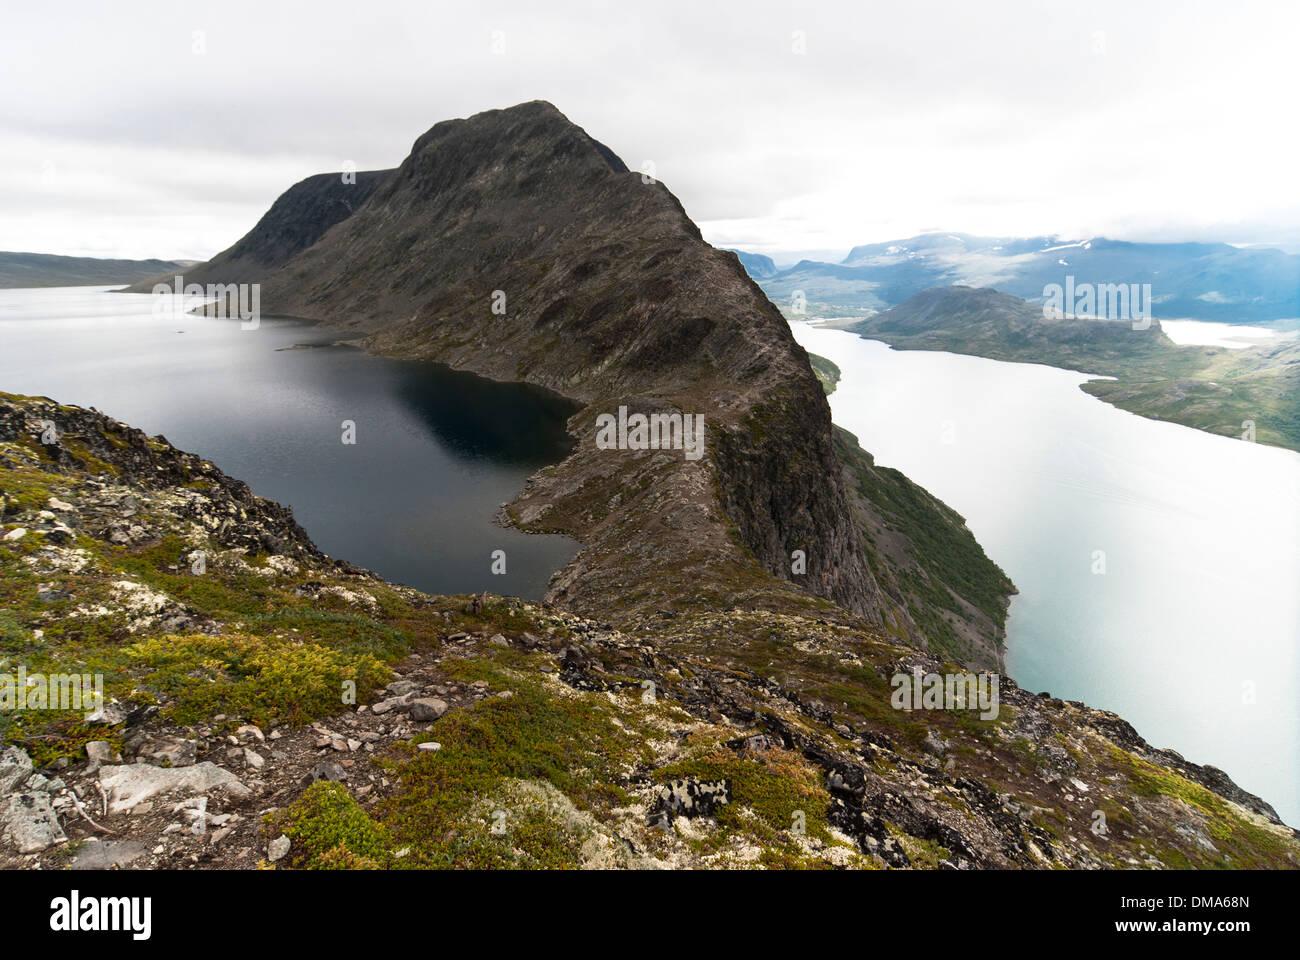 Besseggen ridge in the Jotunheimen National Park, Norway - Stock Image